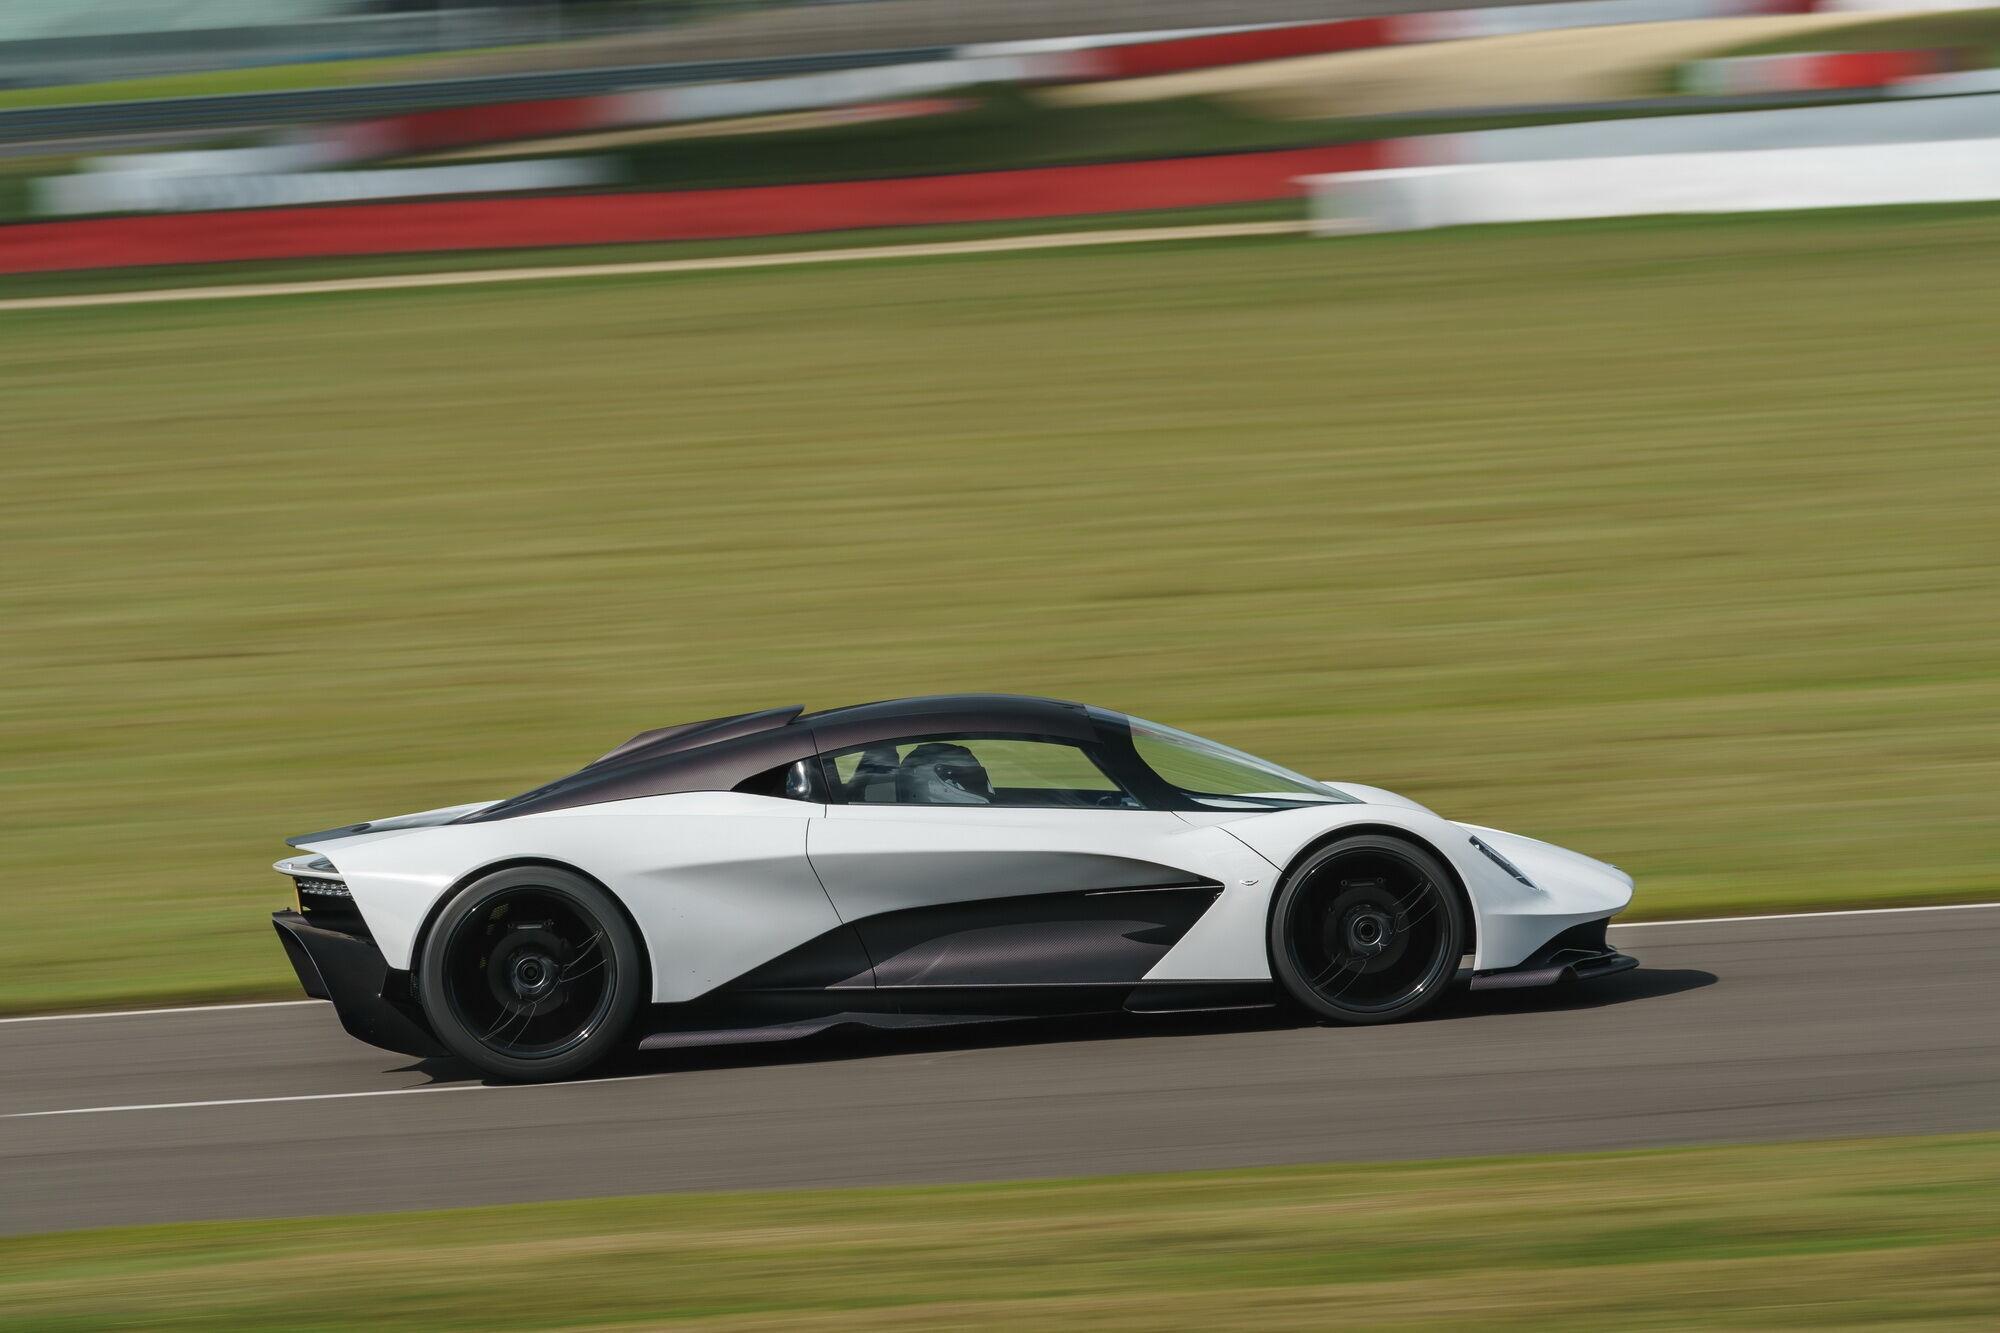 Aston Martin Valhalla получит гибридный силовой агрегат от Mercedes-AMG